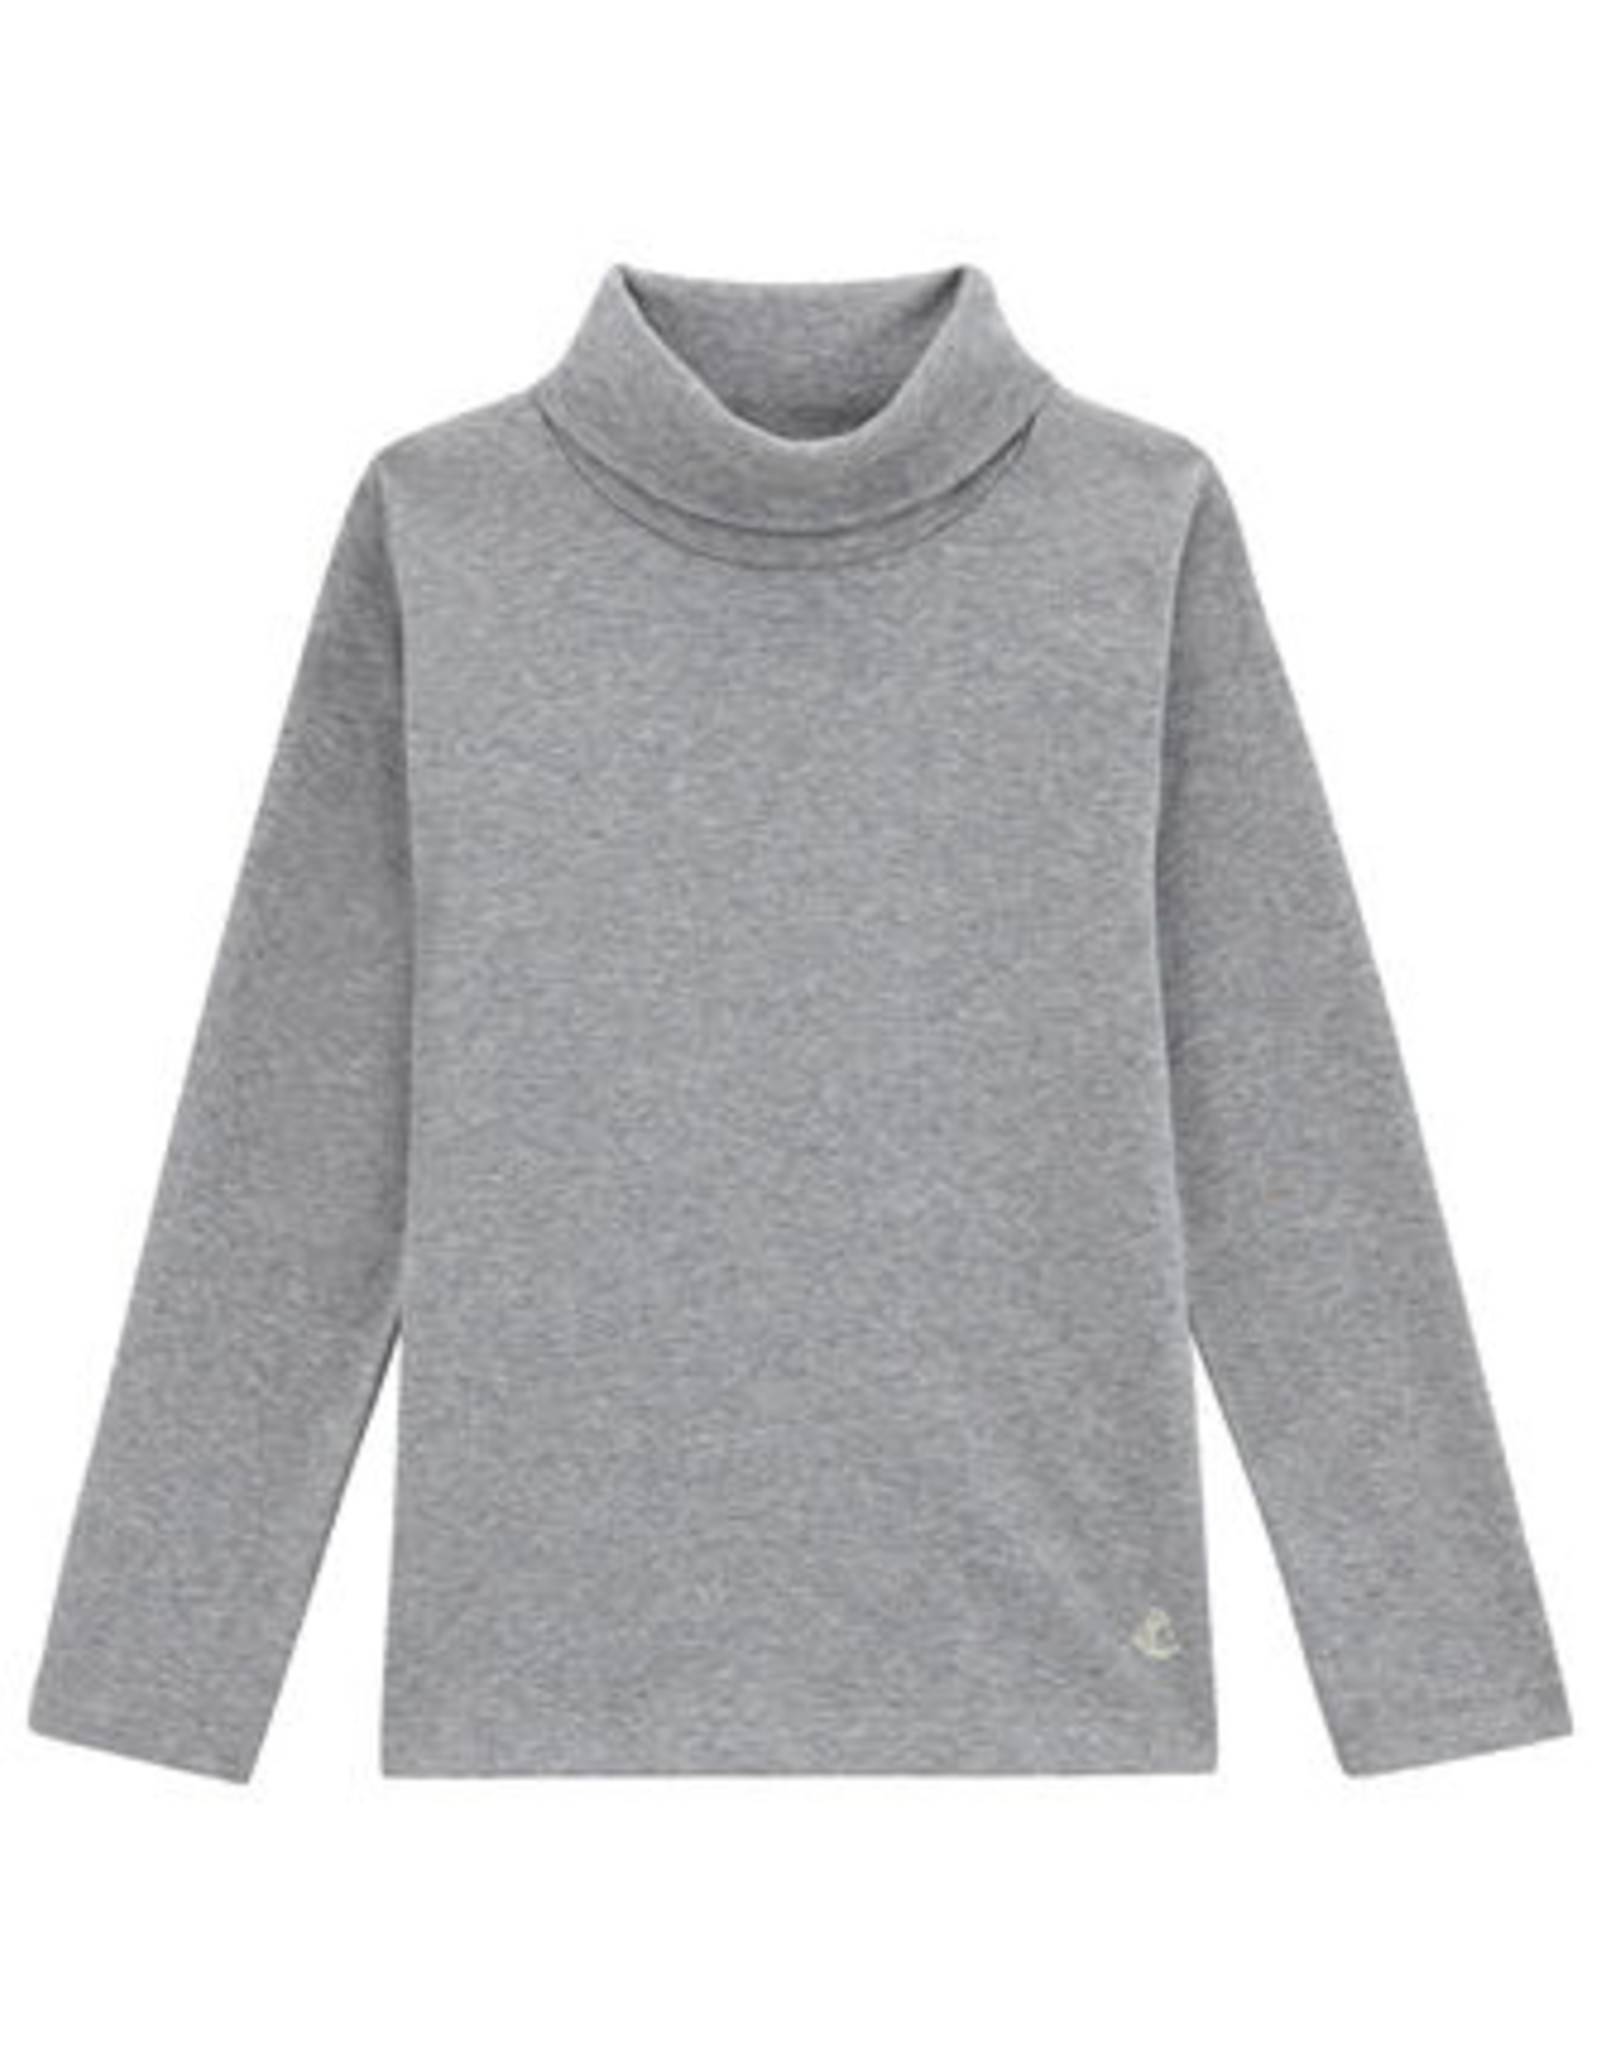 Petit Bateau Children's Undershirt